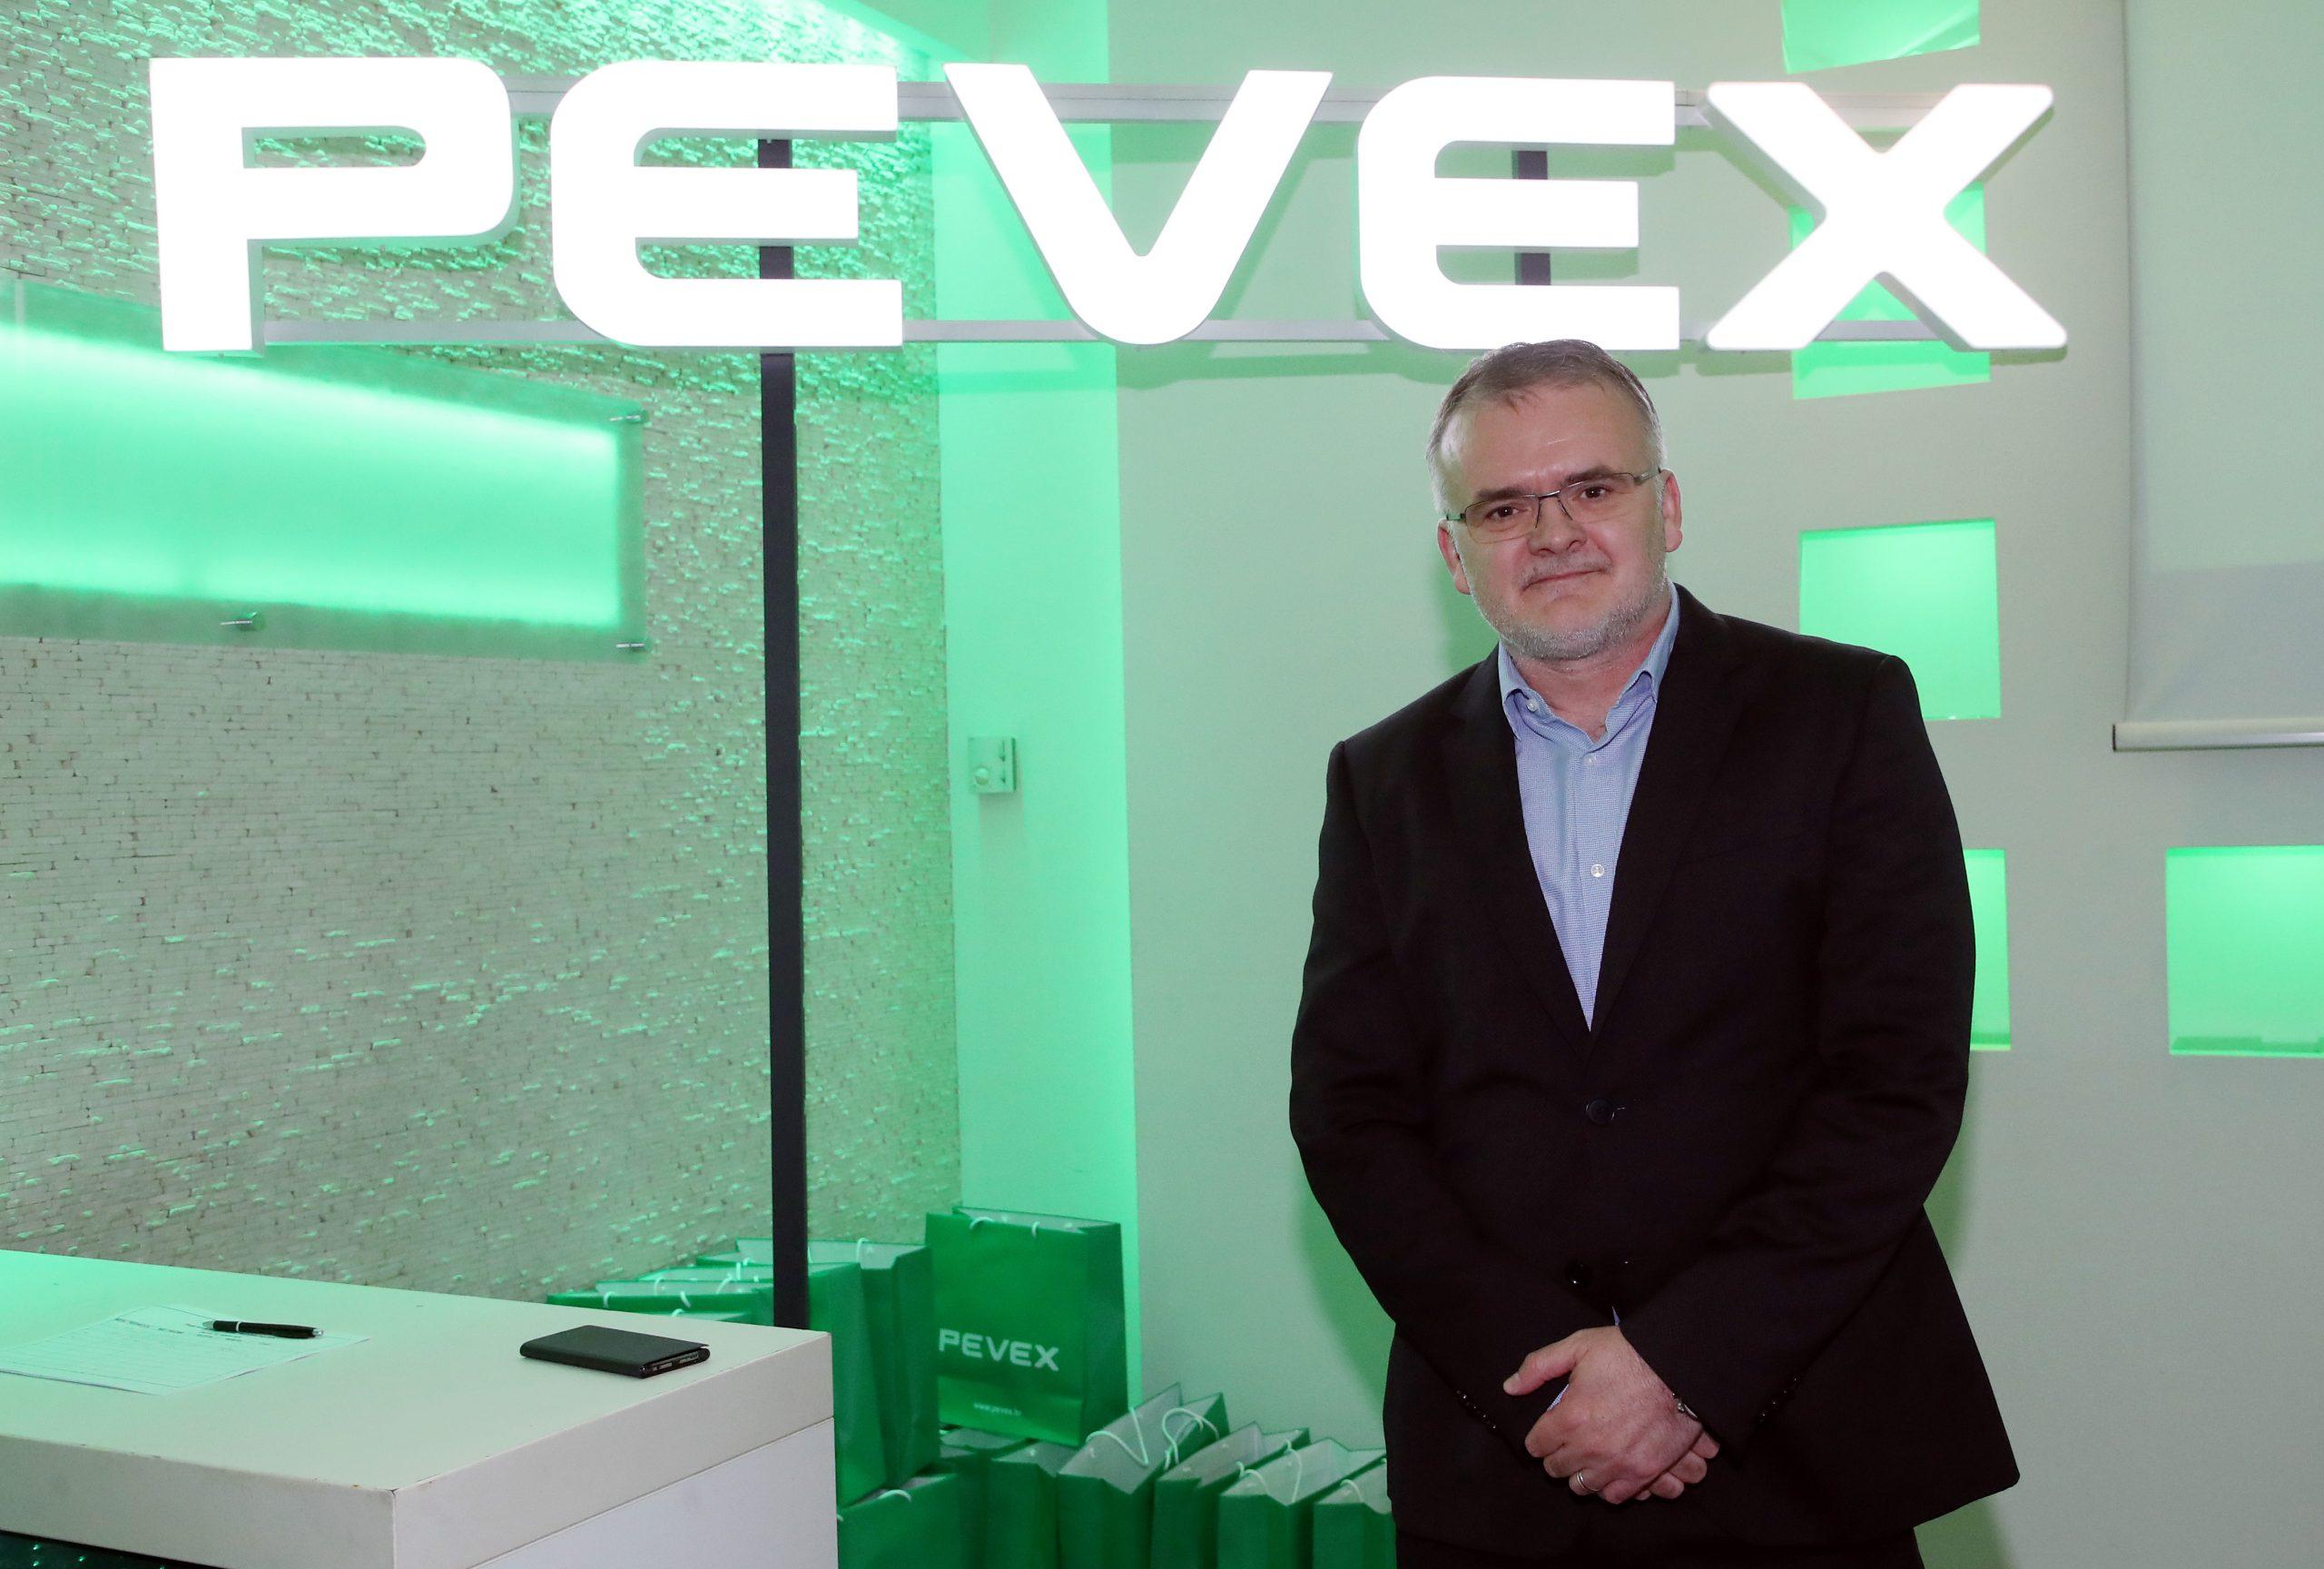 Trgovački lanac Pevex: 'Želimo neradnu nedjelju. Zadovoljstvo radnika nam je na prvom mjestu'